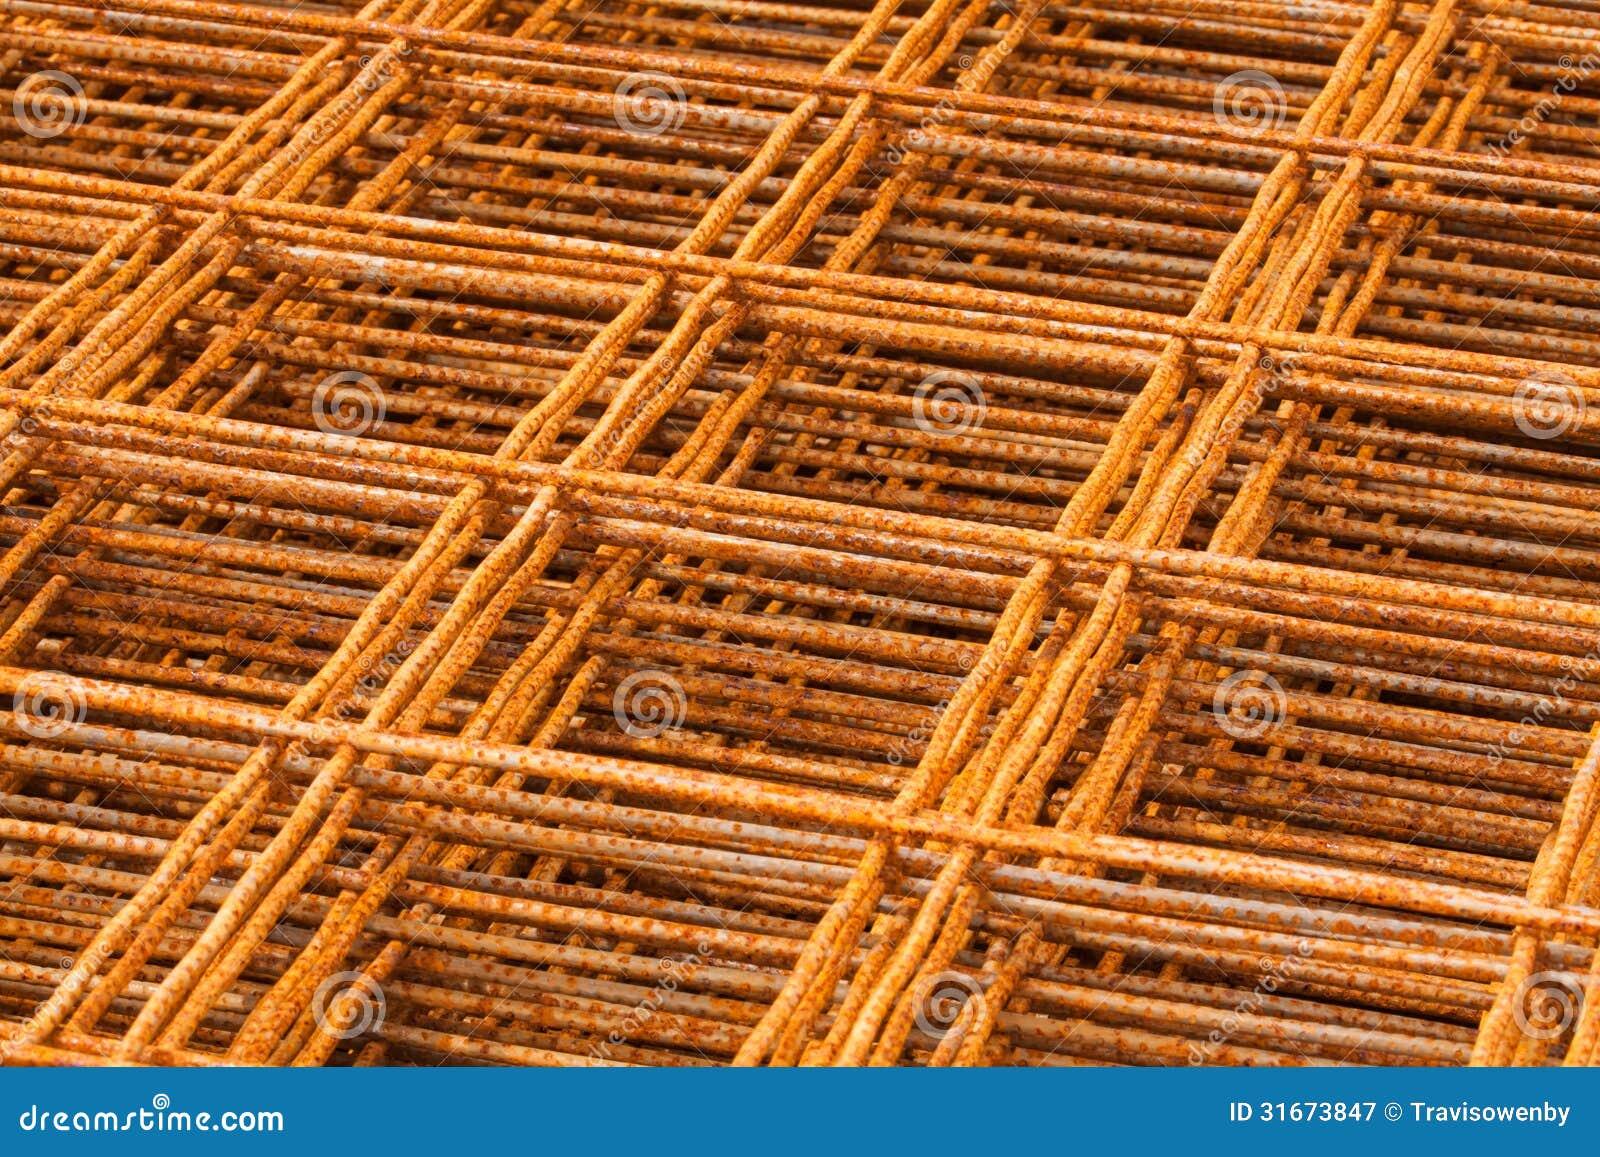 Rod Building Materials